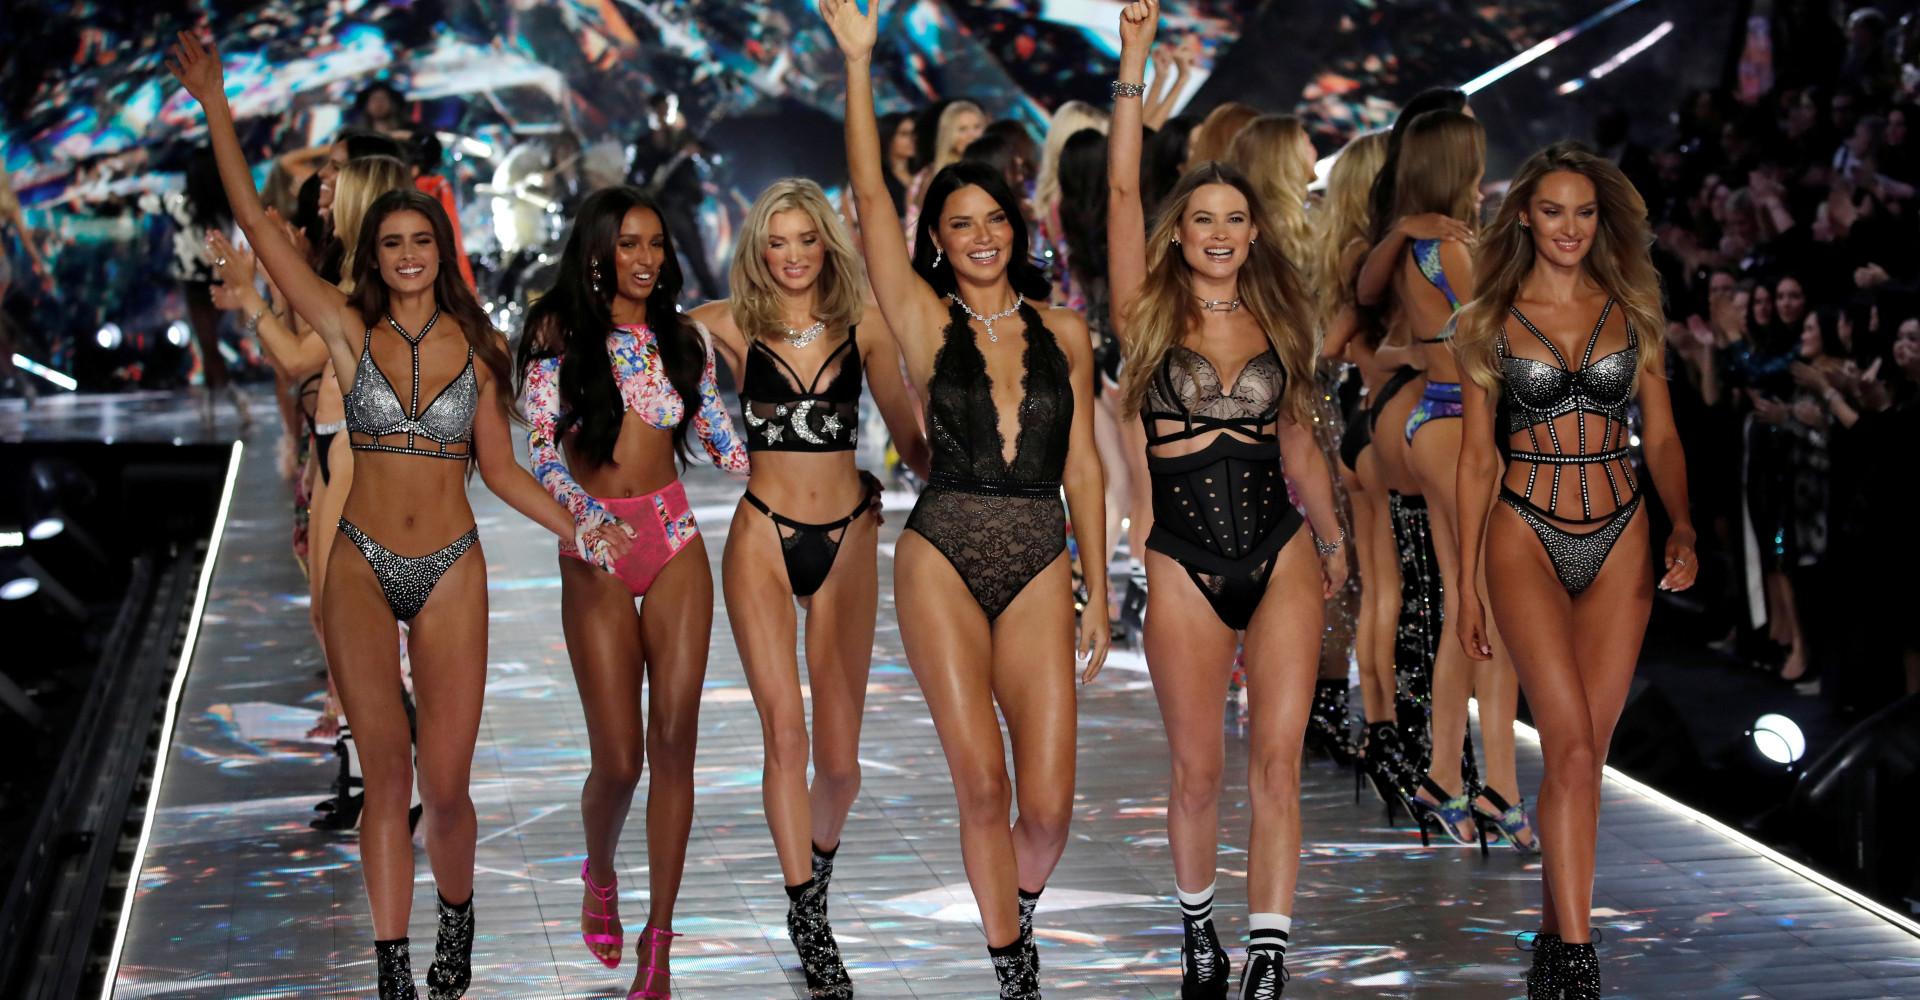 Autodistruzione: È finita l'epoca di Victoria's Secret?